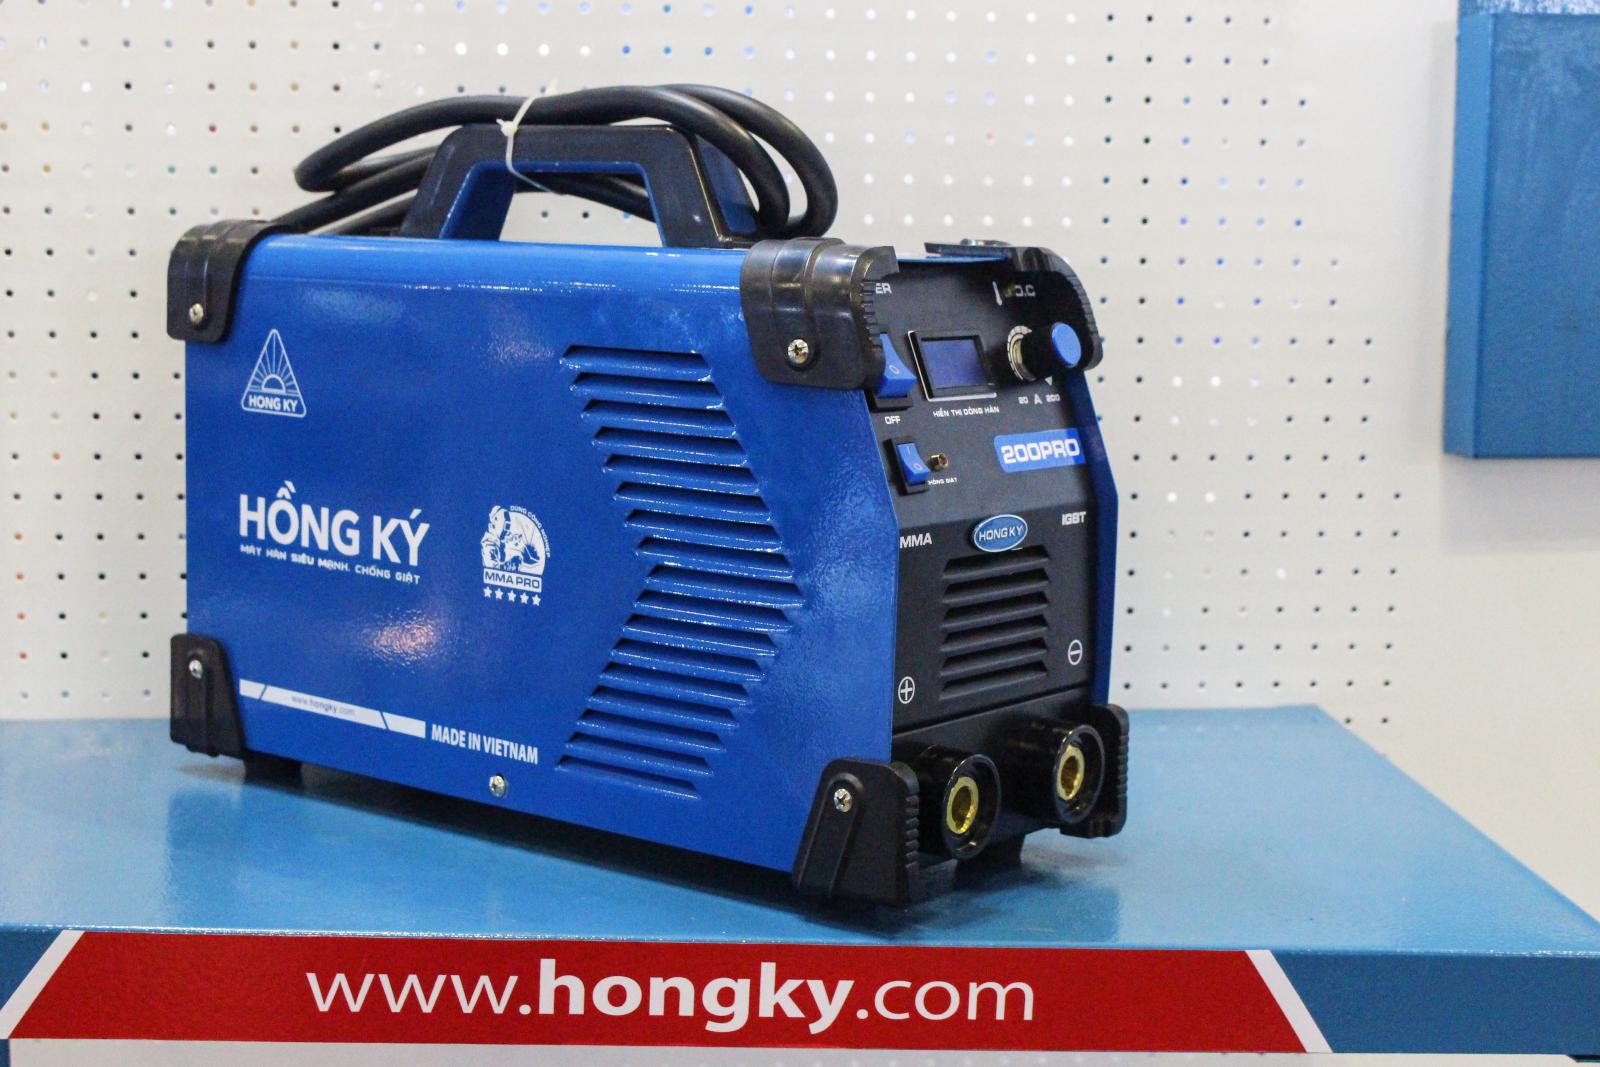 Triển lãm quốc tế máy móc – thiết bị công nghiệp tại Việt Nam & Triển lãm sản phẩm công nghiệp hỗ trợ Việt Nam (Vimaf & Vsif)